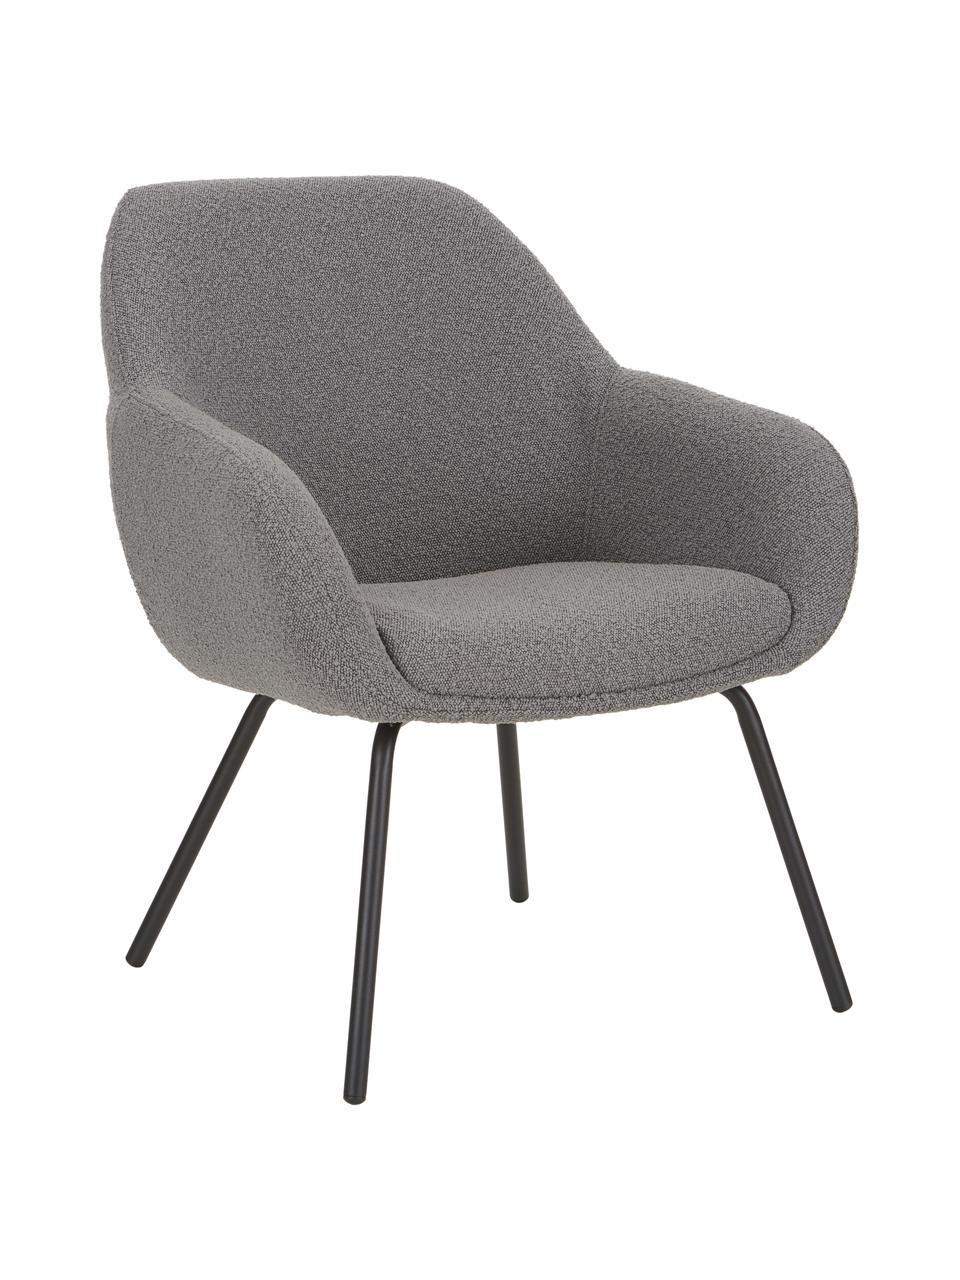 Fotel koktajlowy Jana, Tapicerka: poliester (materiał tekst, Nogi: metalowe, lakierowane pro, Szary, S 72 x G 68 cm